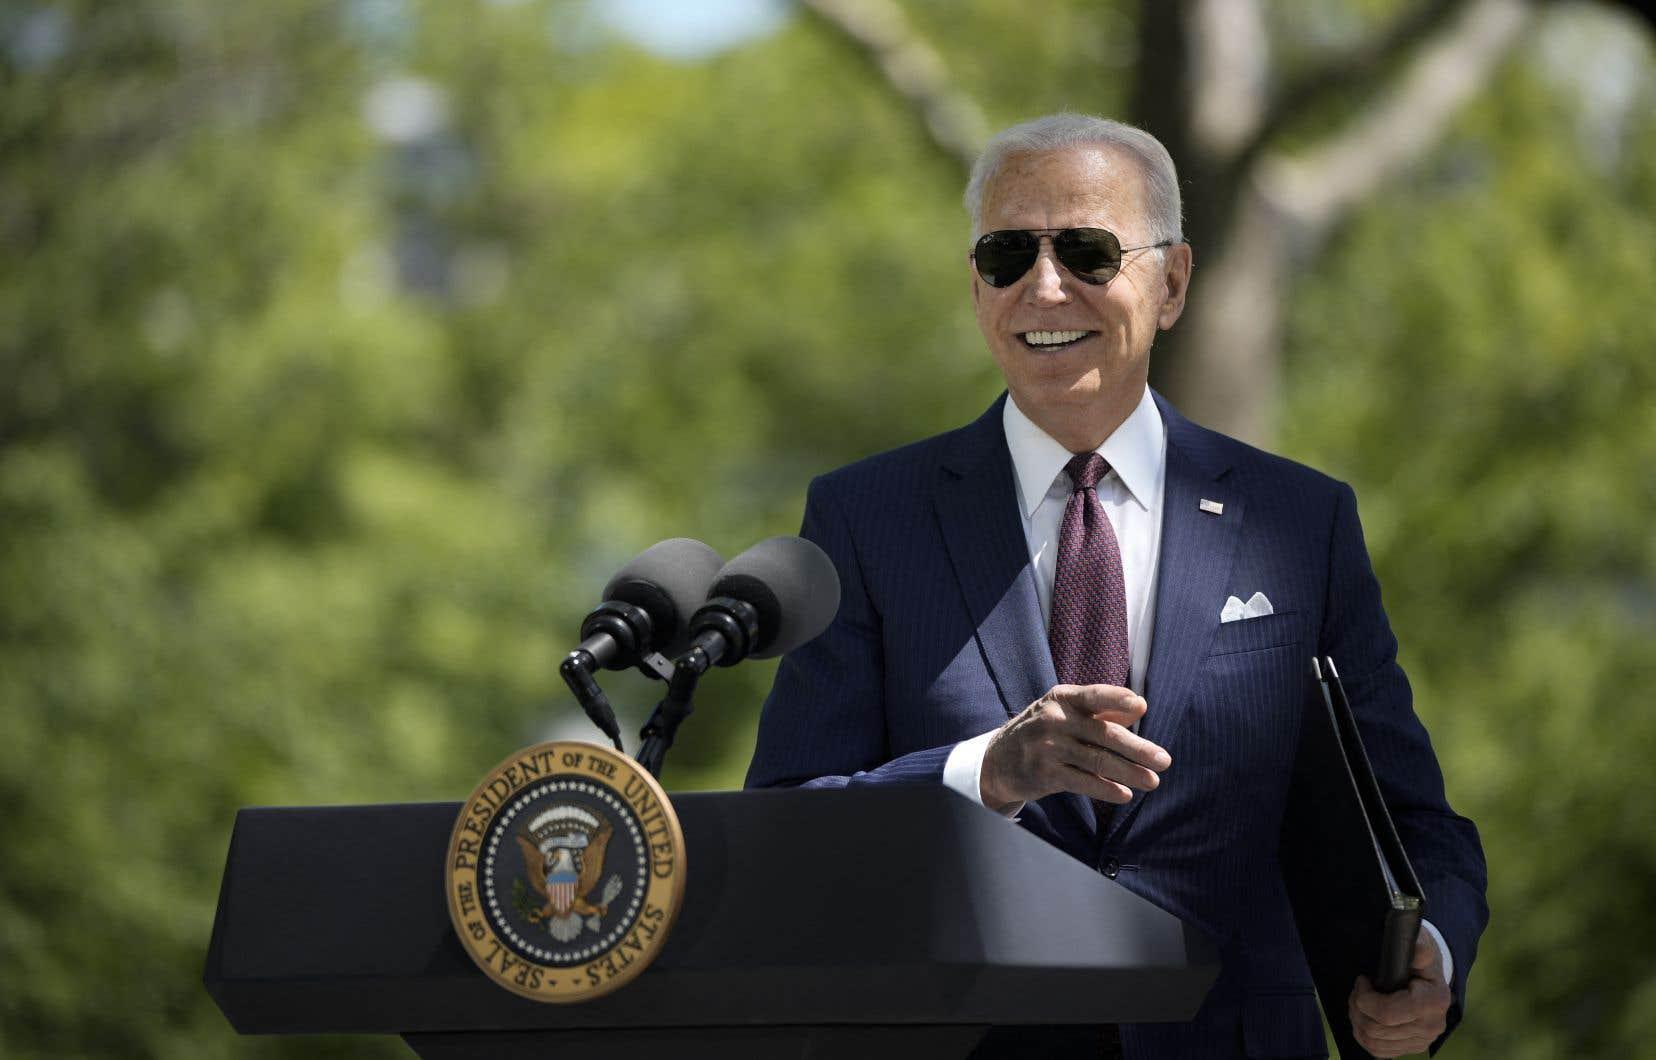 Après presque trois mois à la Maison-Blanche, Joe Biden jouit d'un taux d'approbation de 59% auprès des Américains, indiquait le 15avril dernier le Pew Research Center, ce qui le place à 20 points en avance sur Donald Trump au même moment dans sa présidence, en 2017.